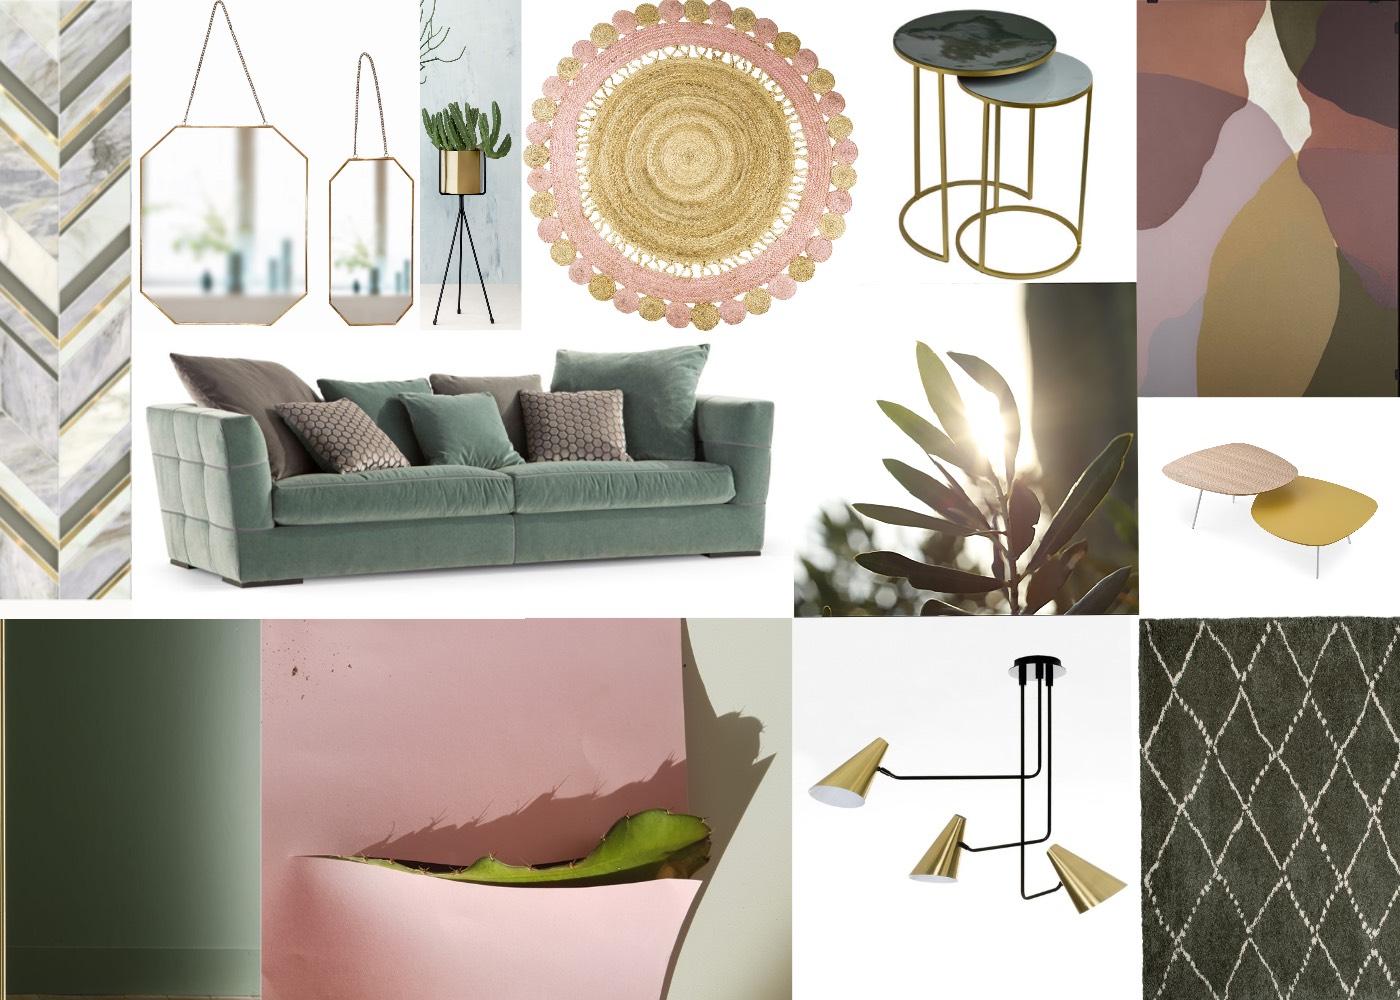 salon en vert profond et rose poudr toutes les planches setmystyle partagez vos planches. Black Bedroom Furniture Sets. Home Design Ideas